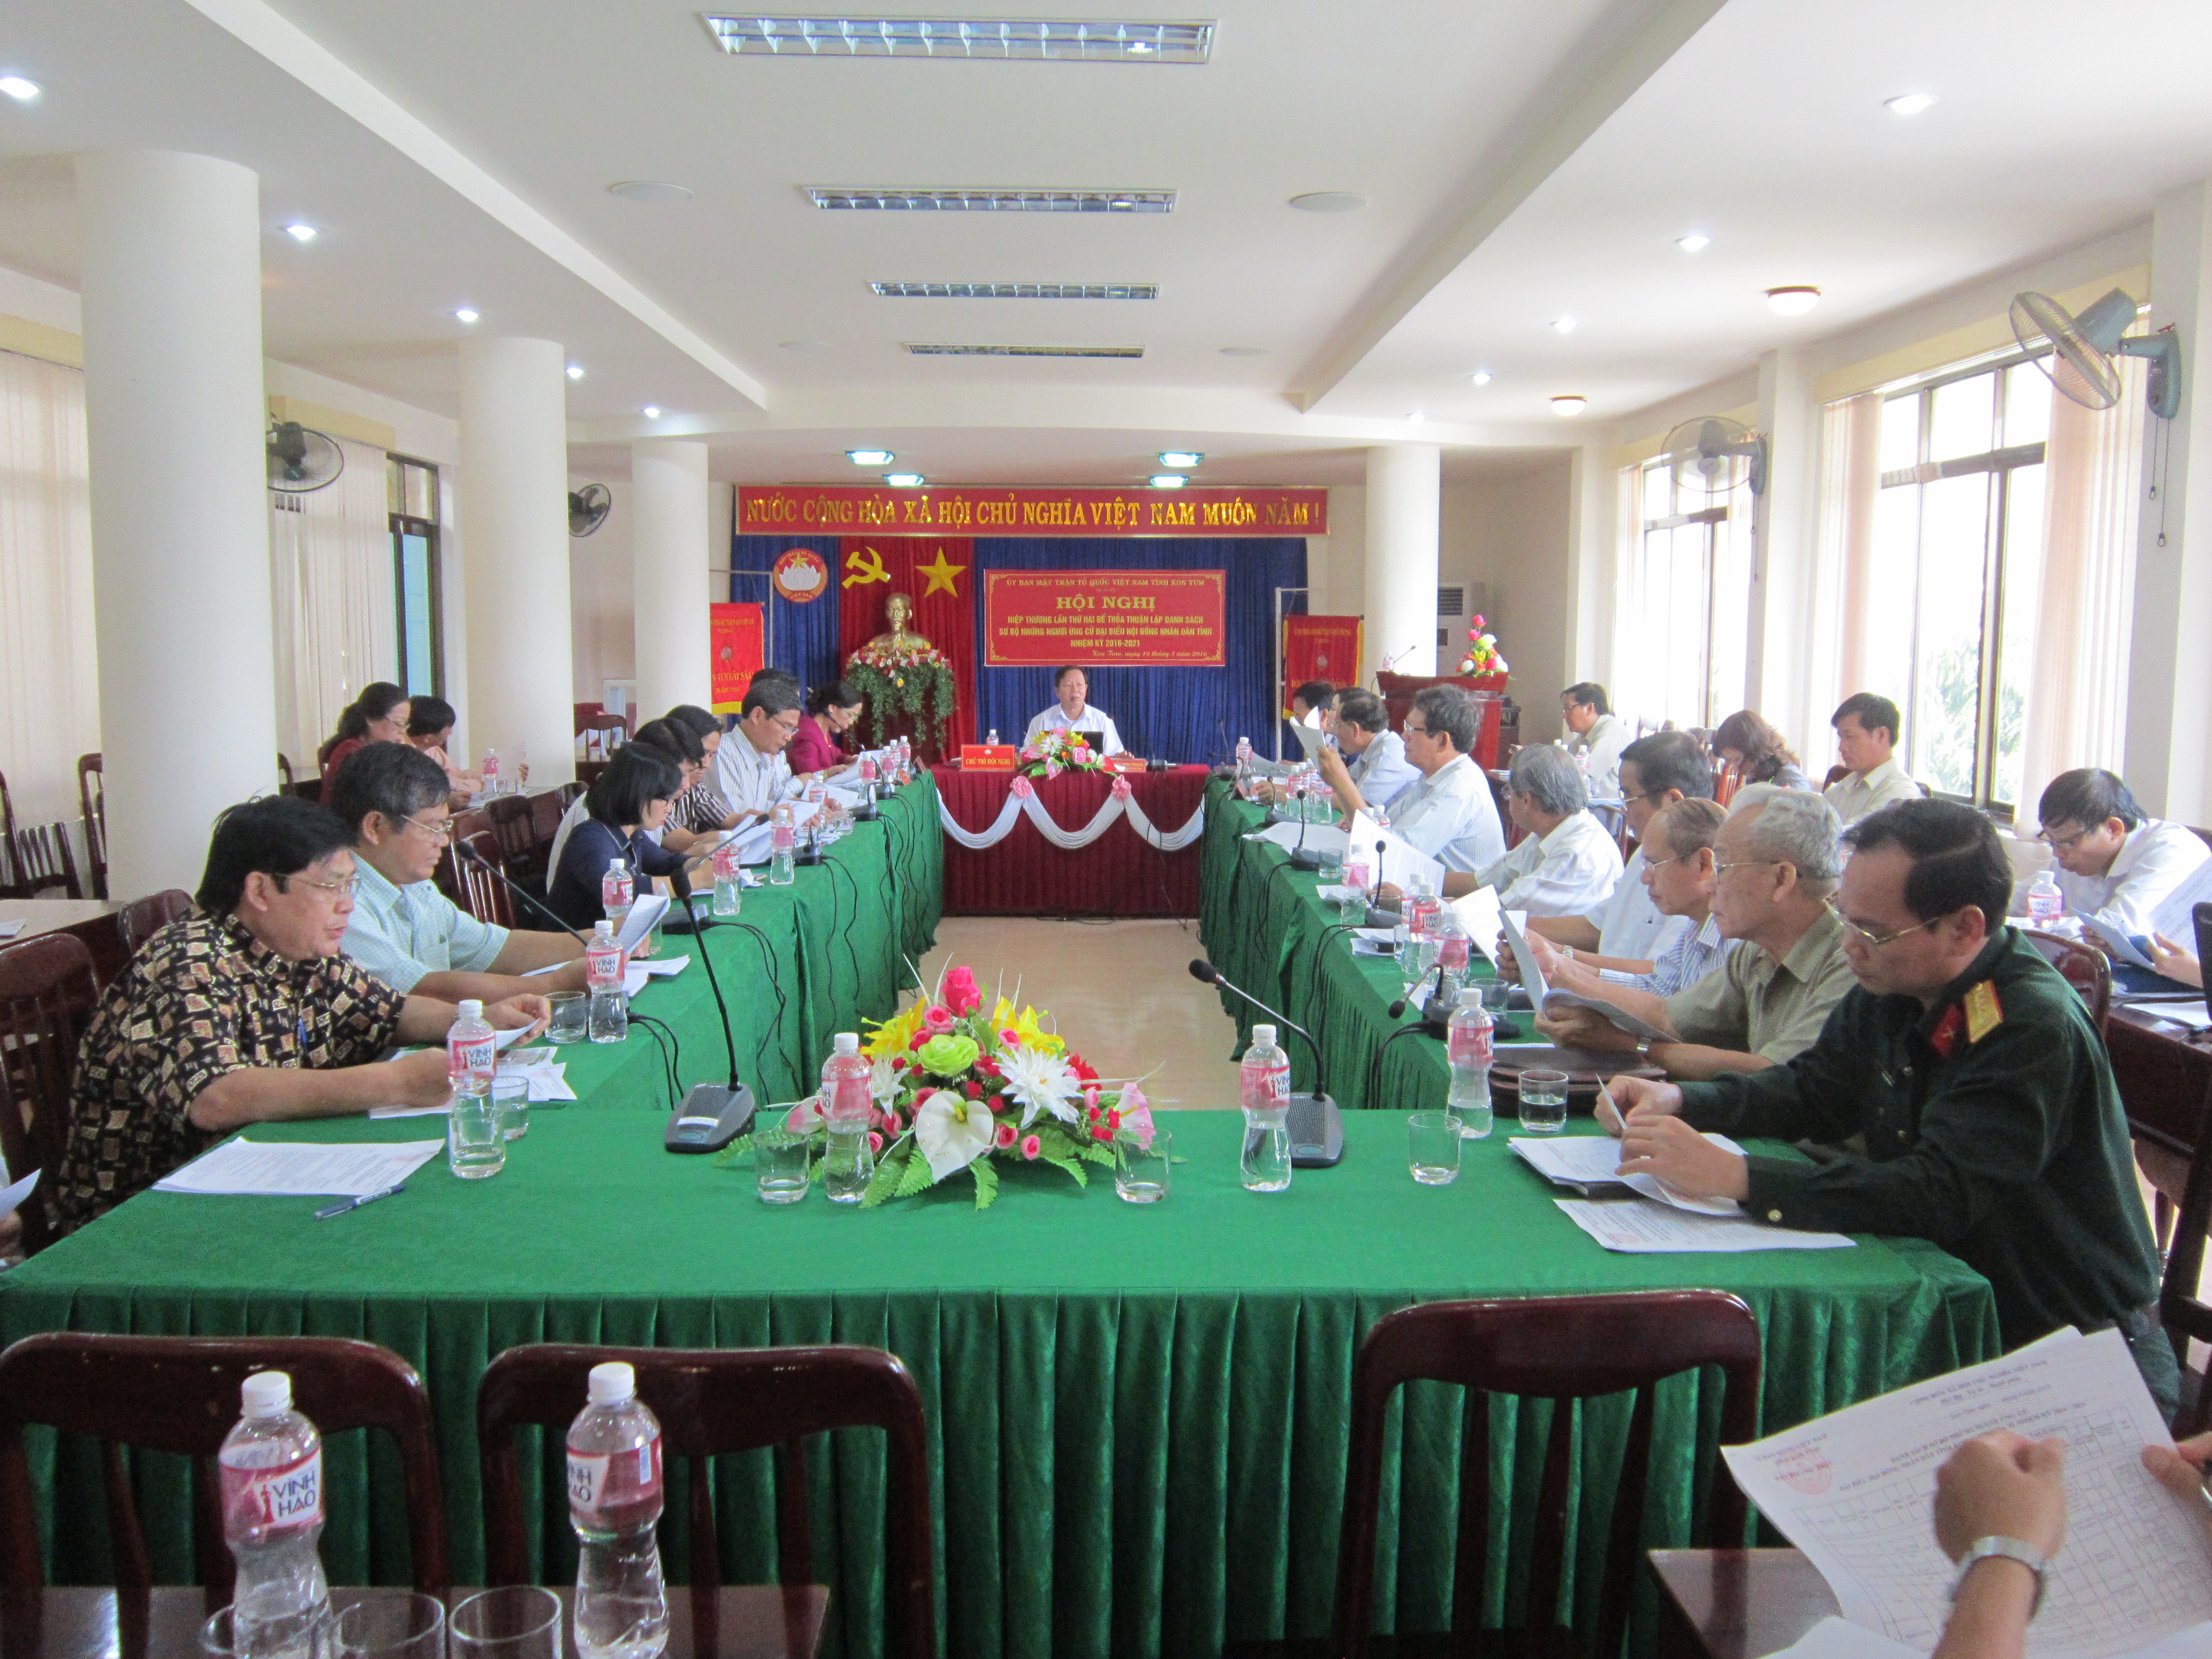 Hội nghị Hiệp thương lần thứ hai bầu cử HĐND tỉnh nhiệm kỳ 2016-2021